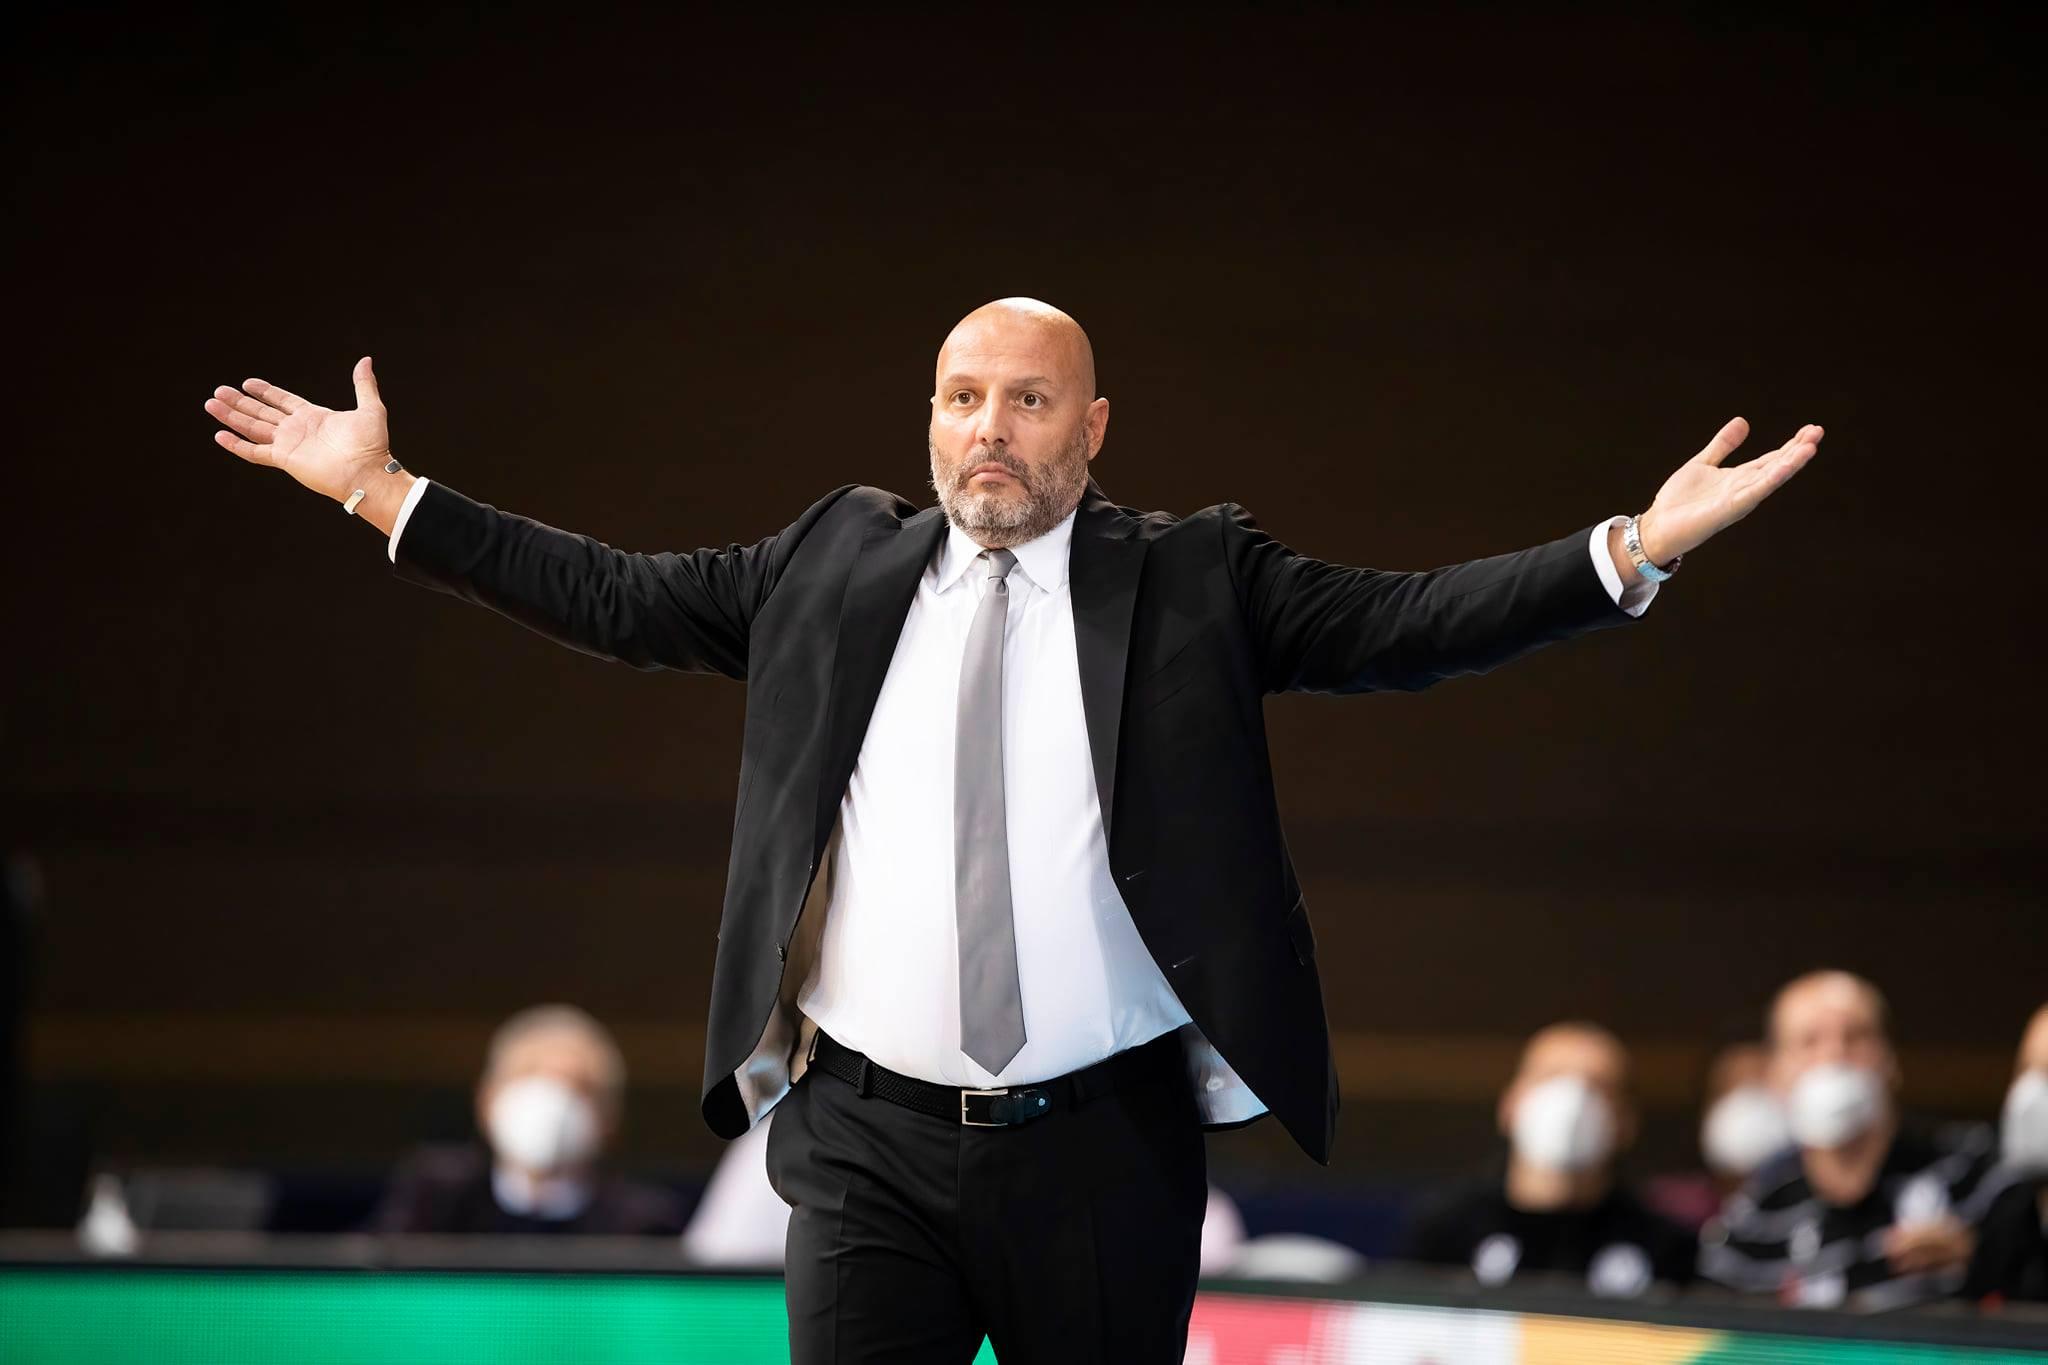 """Virtus Segafredo-Reggio Emilia, le parole di coach Djordjevic nel post-partita: """"E' un momento difficile, mi assumo le responsabilità e ci metto la faccia davanti alla società ed ai tifosi"""""""